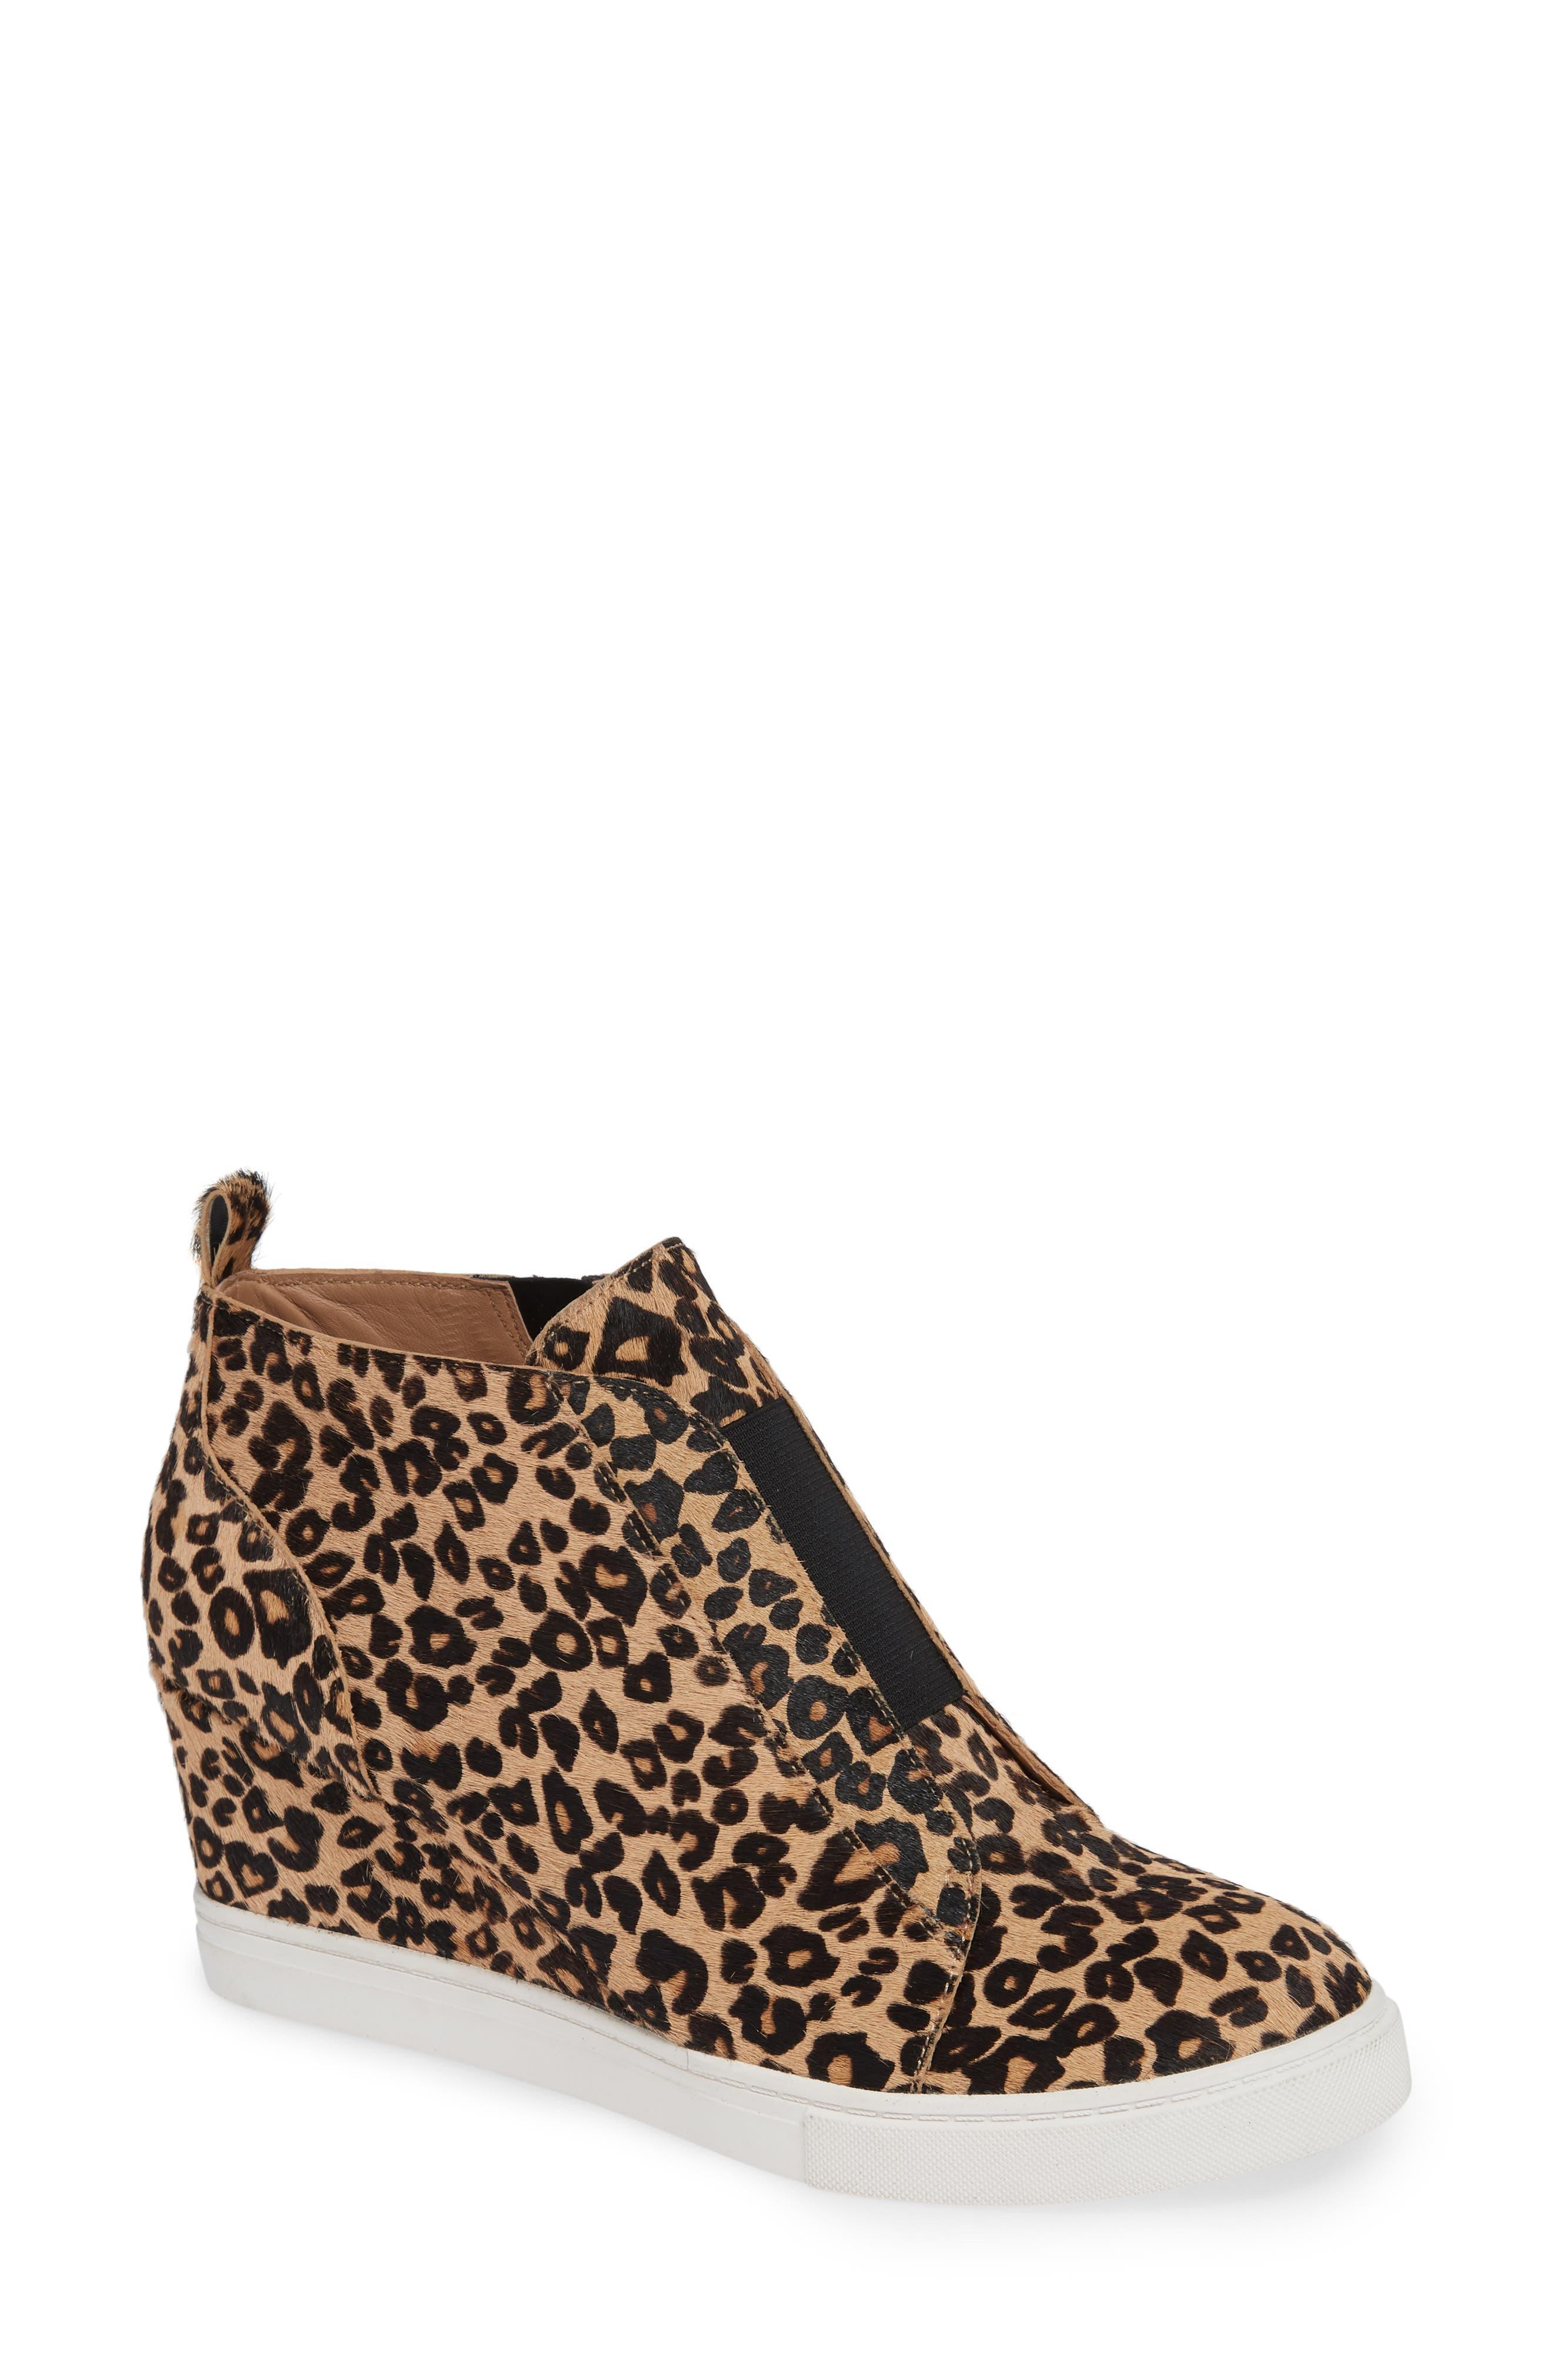 LINEA PAOLO, Felicia III Genuine Calf Hair Wedge Sneaker, Main thumbnail 1, color, LEOPARD PRINT HAIR CALF